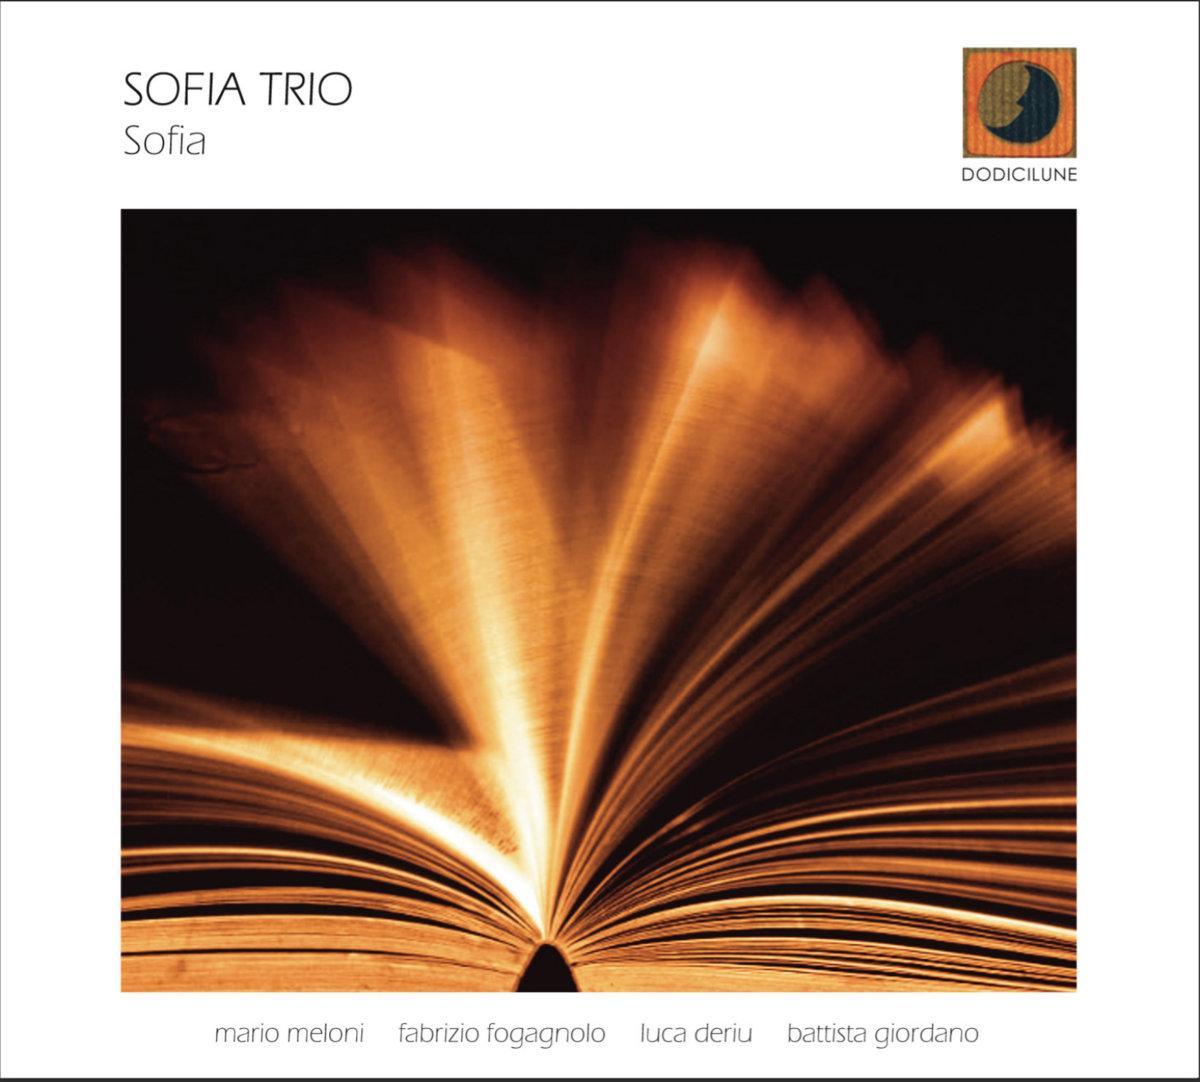 Sofia Trio - Sofia - Bandcamp - player - 2020 - Sa Scena Sarda